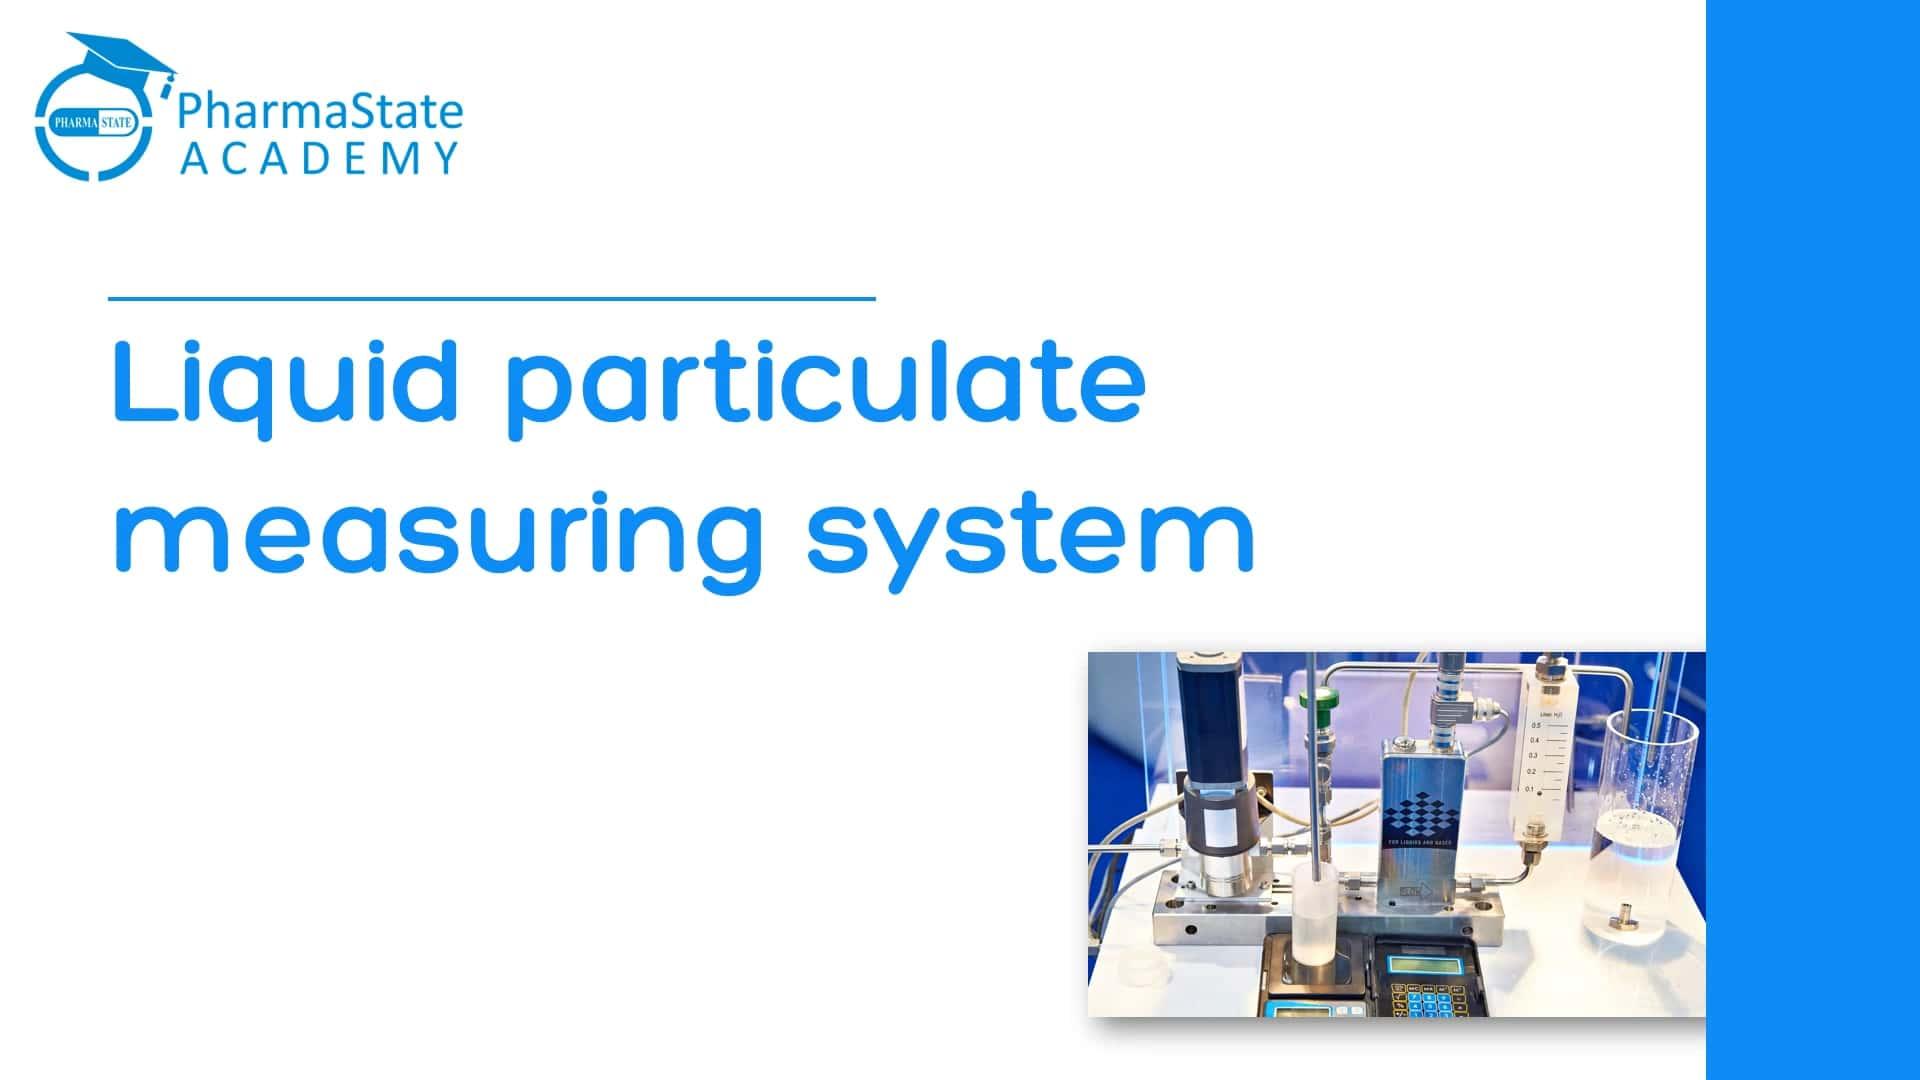 Liquid particulate measuring system